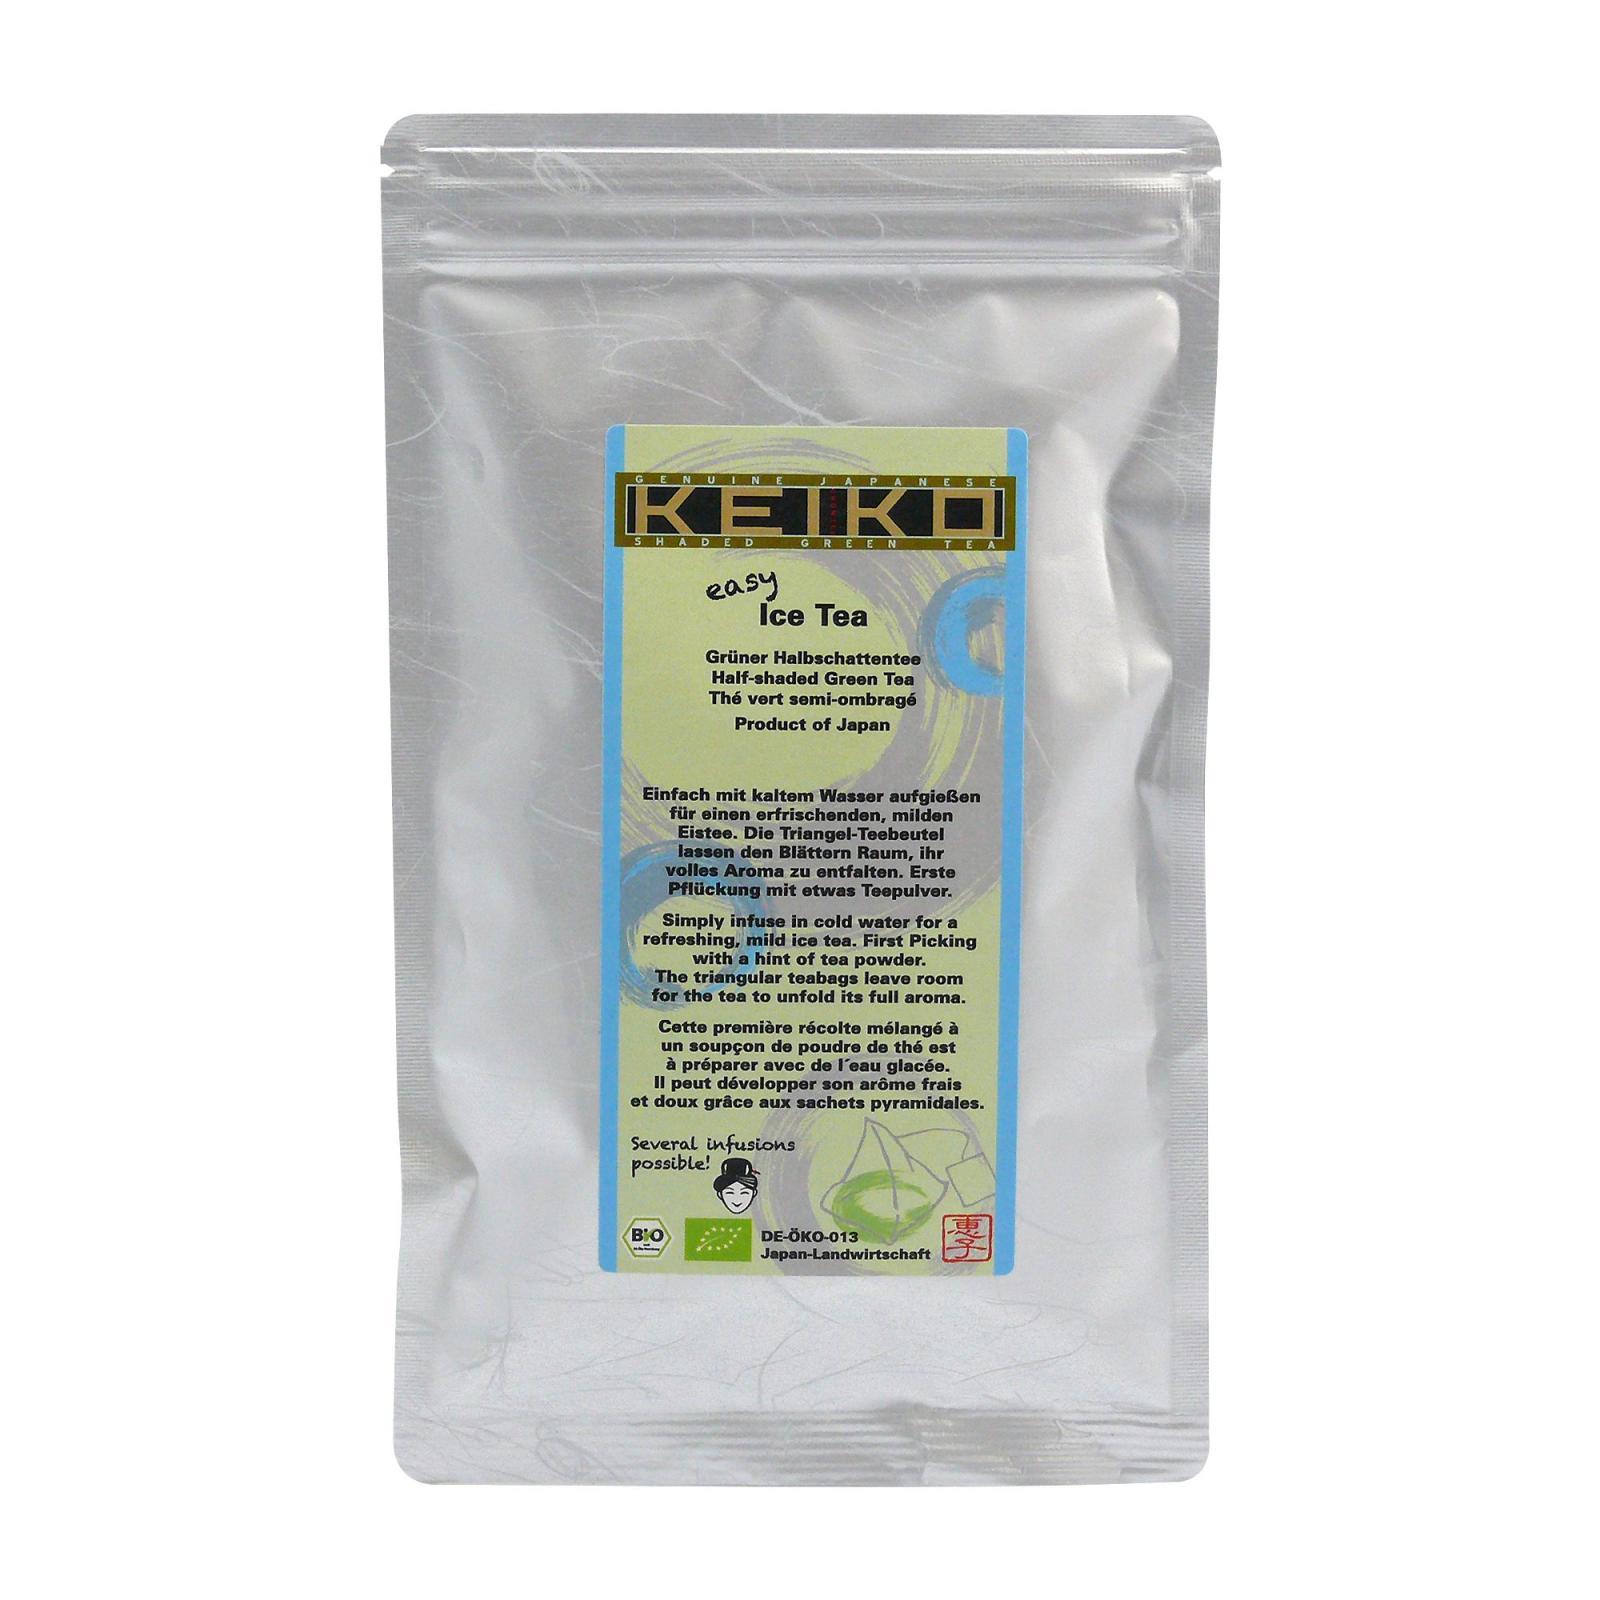 Keiko Zelený čaj Kabuse hot or cold, pyramidky, bio 48 g, 16 ks